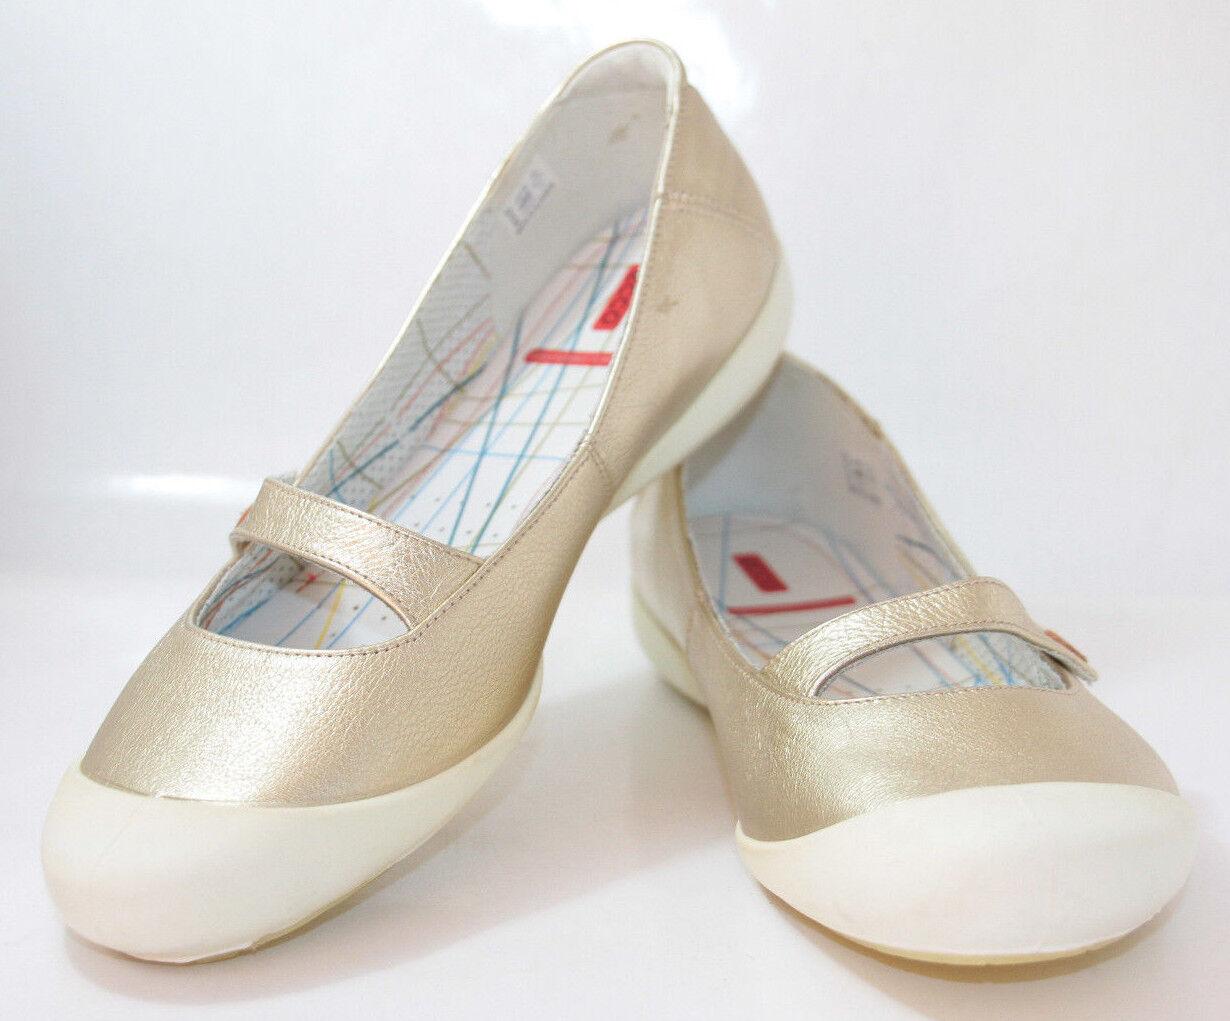 Chaussures Femmes ECCO 'Summer' doré métallisé Mary Jane Flats RESUN 11US 42EU nouveau